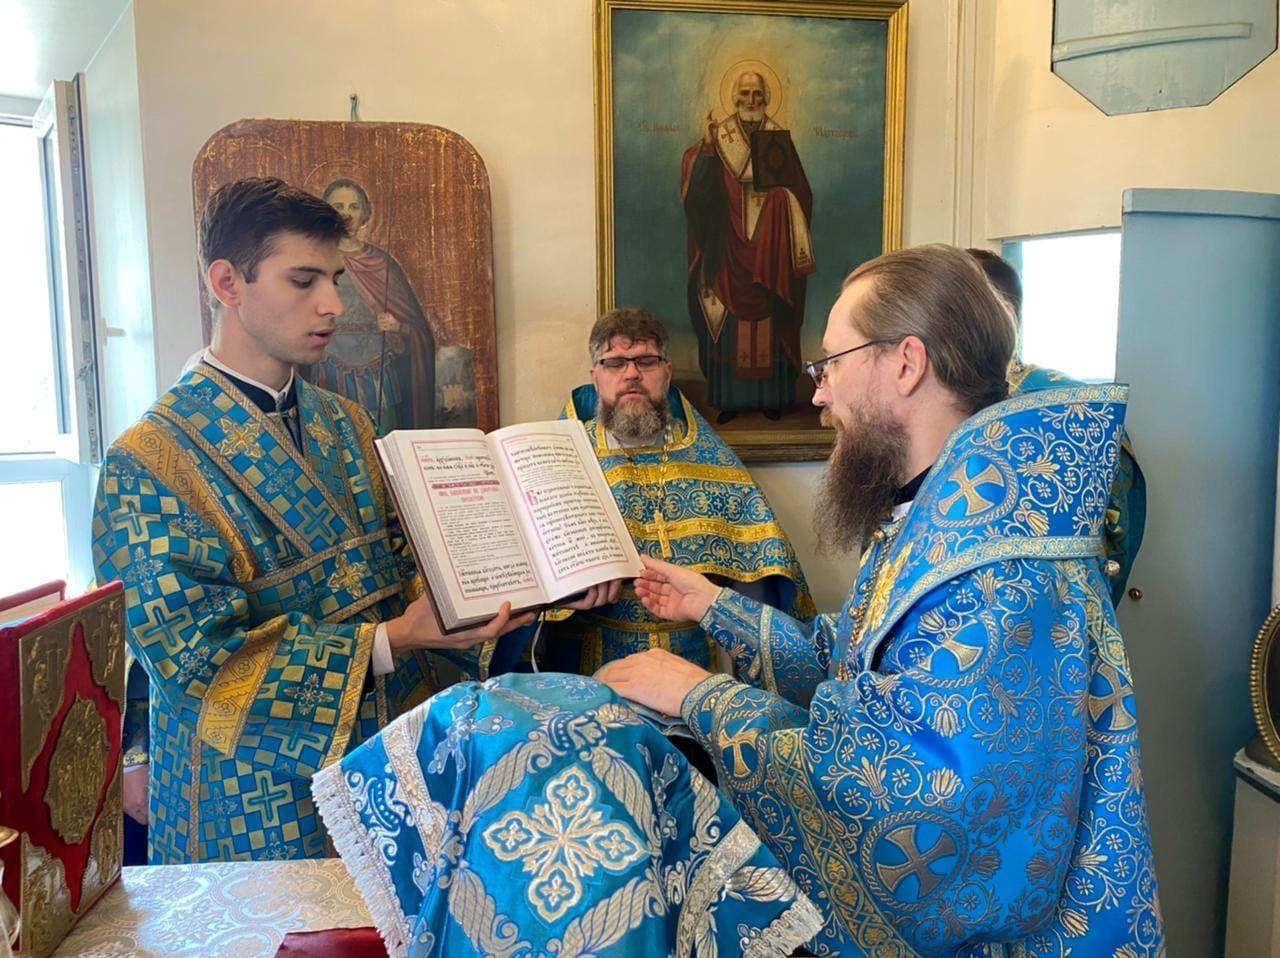 ВпраздникТихвинской иконы Божией Матери жители села Носовского молились за архиерейским богослужением